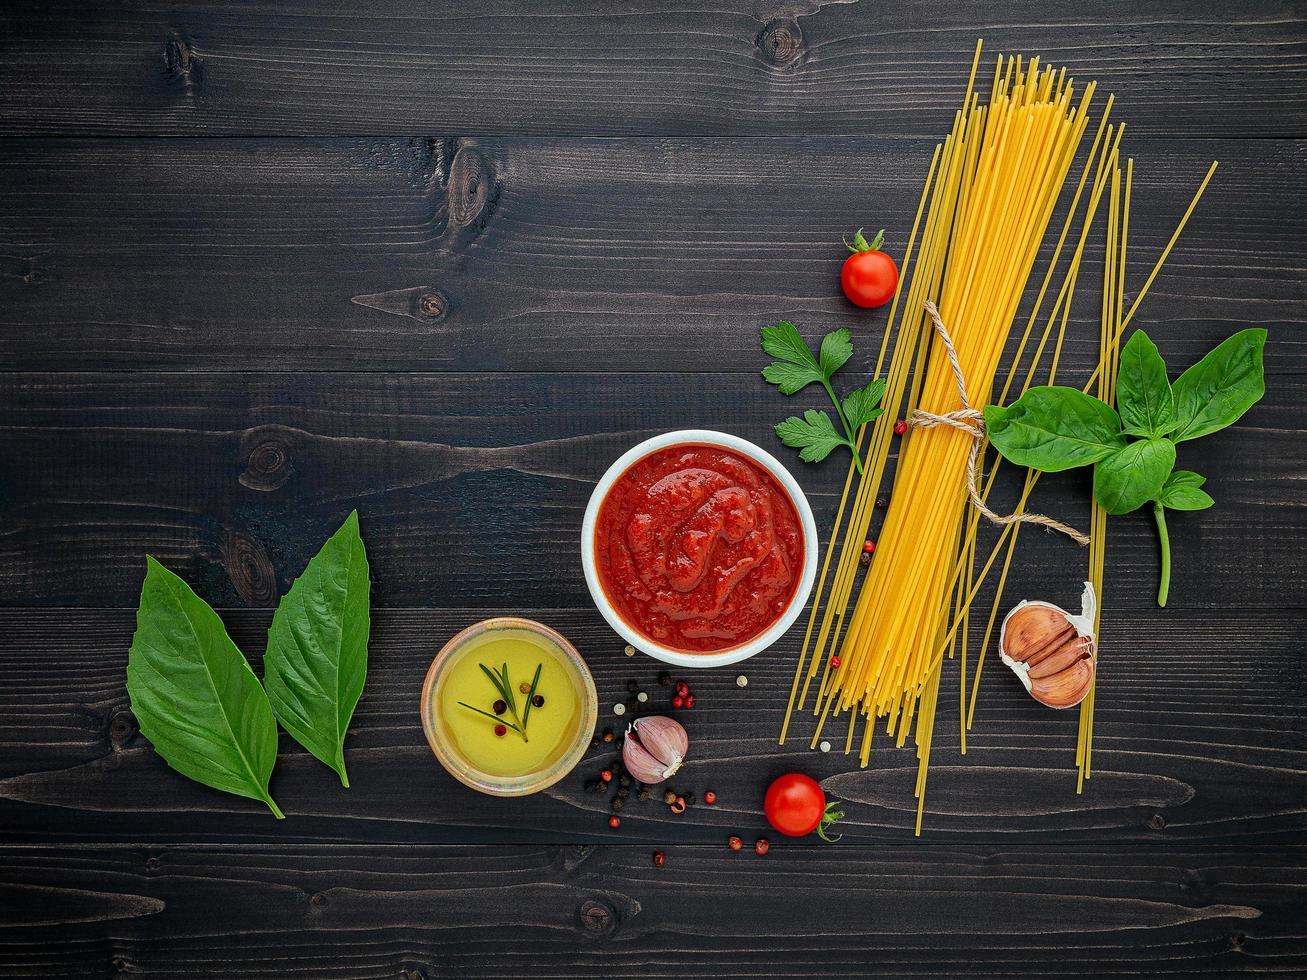 Ingrédients spaghetti sur fond de bois foncé photo